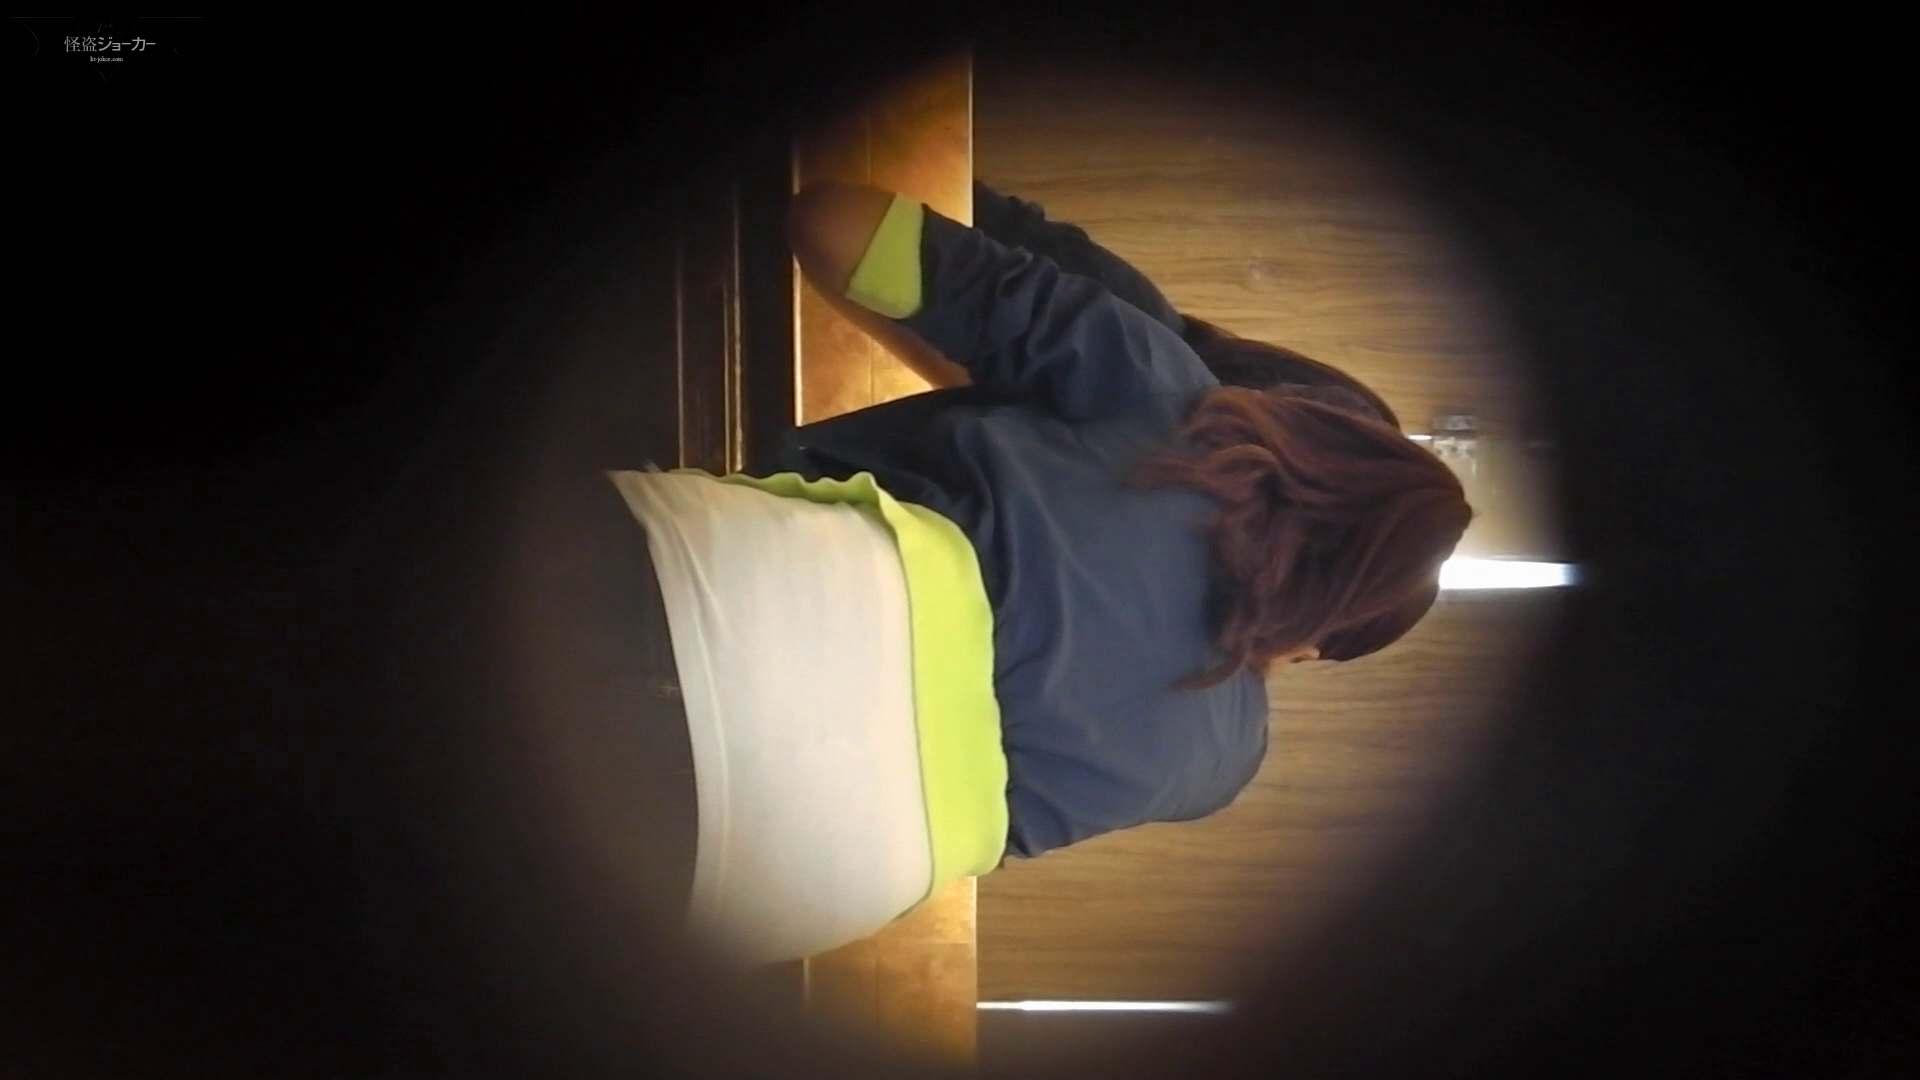 阿国ちゃんの和式洋式七変化 Vol.26 女子会開催でJD大集合! エッチなお姉さん   和式・女子用  75画像 36